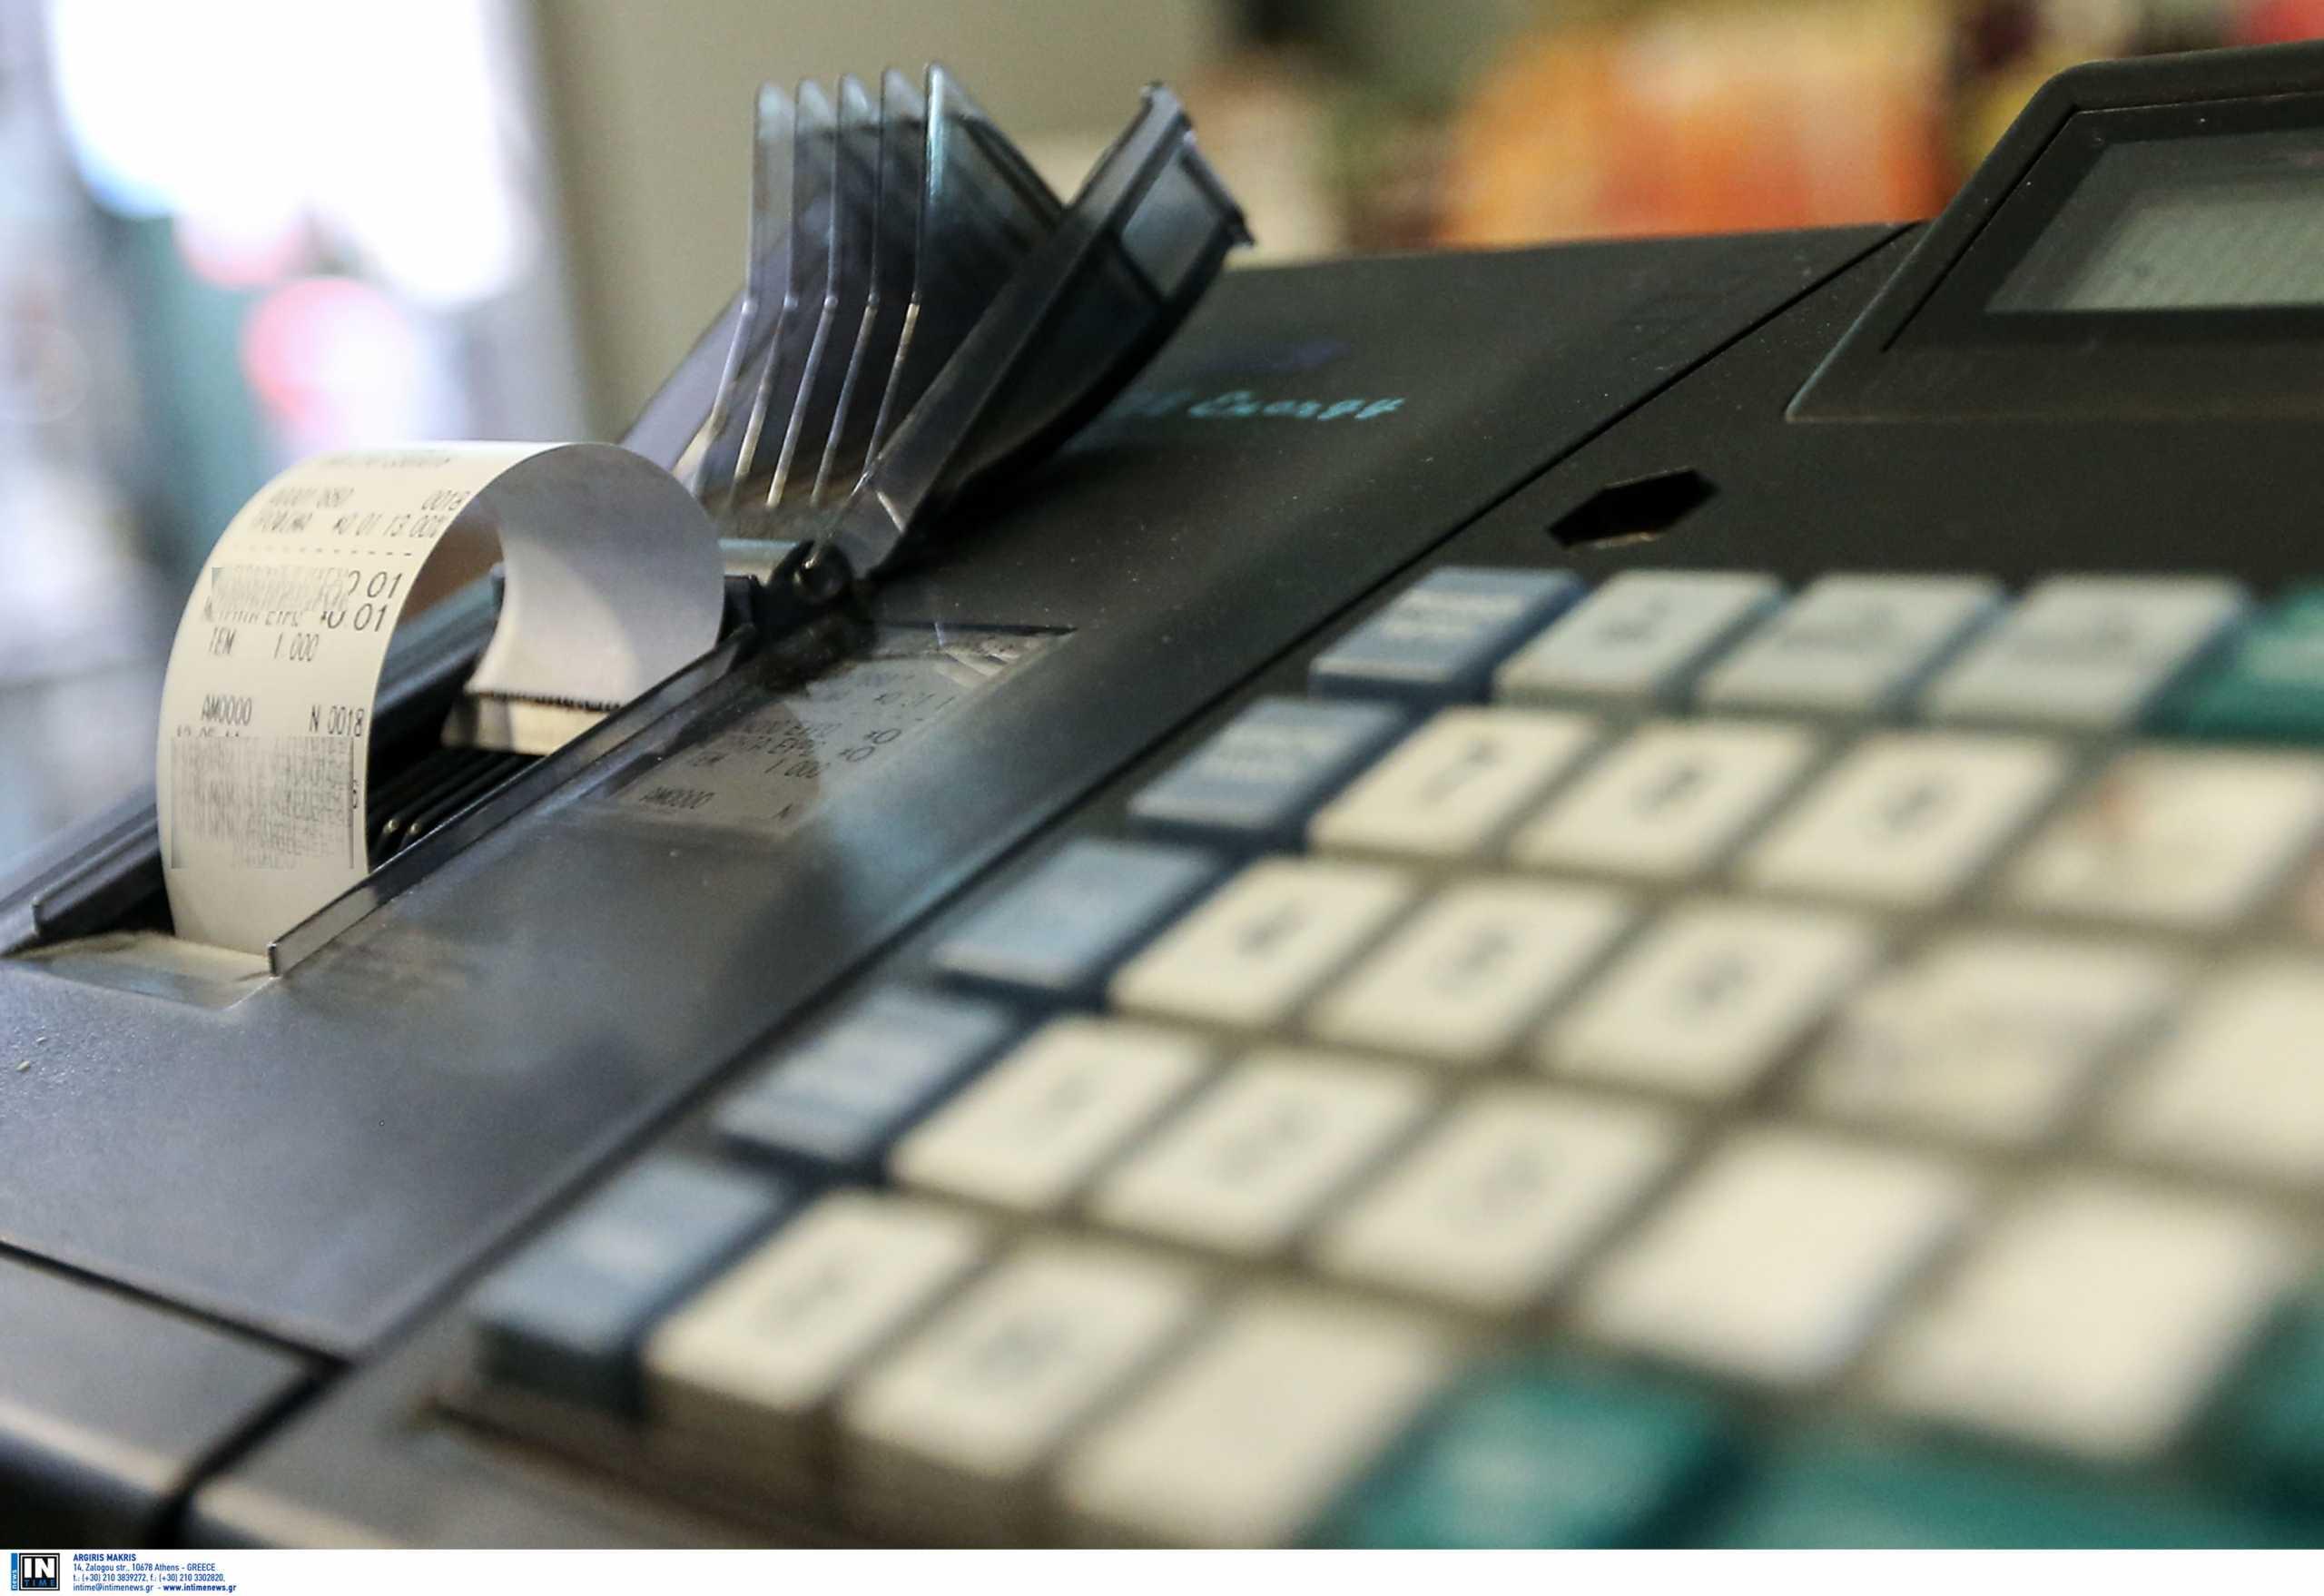 Μέχρι τον Οκτώβριο η αντικατάσταση των ταμειακών μηχανών παλαιού τύπου – Ποιες επιχειρήσεις θα προηγηθούν